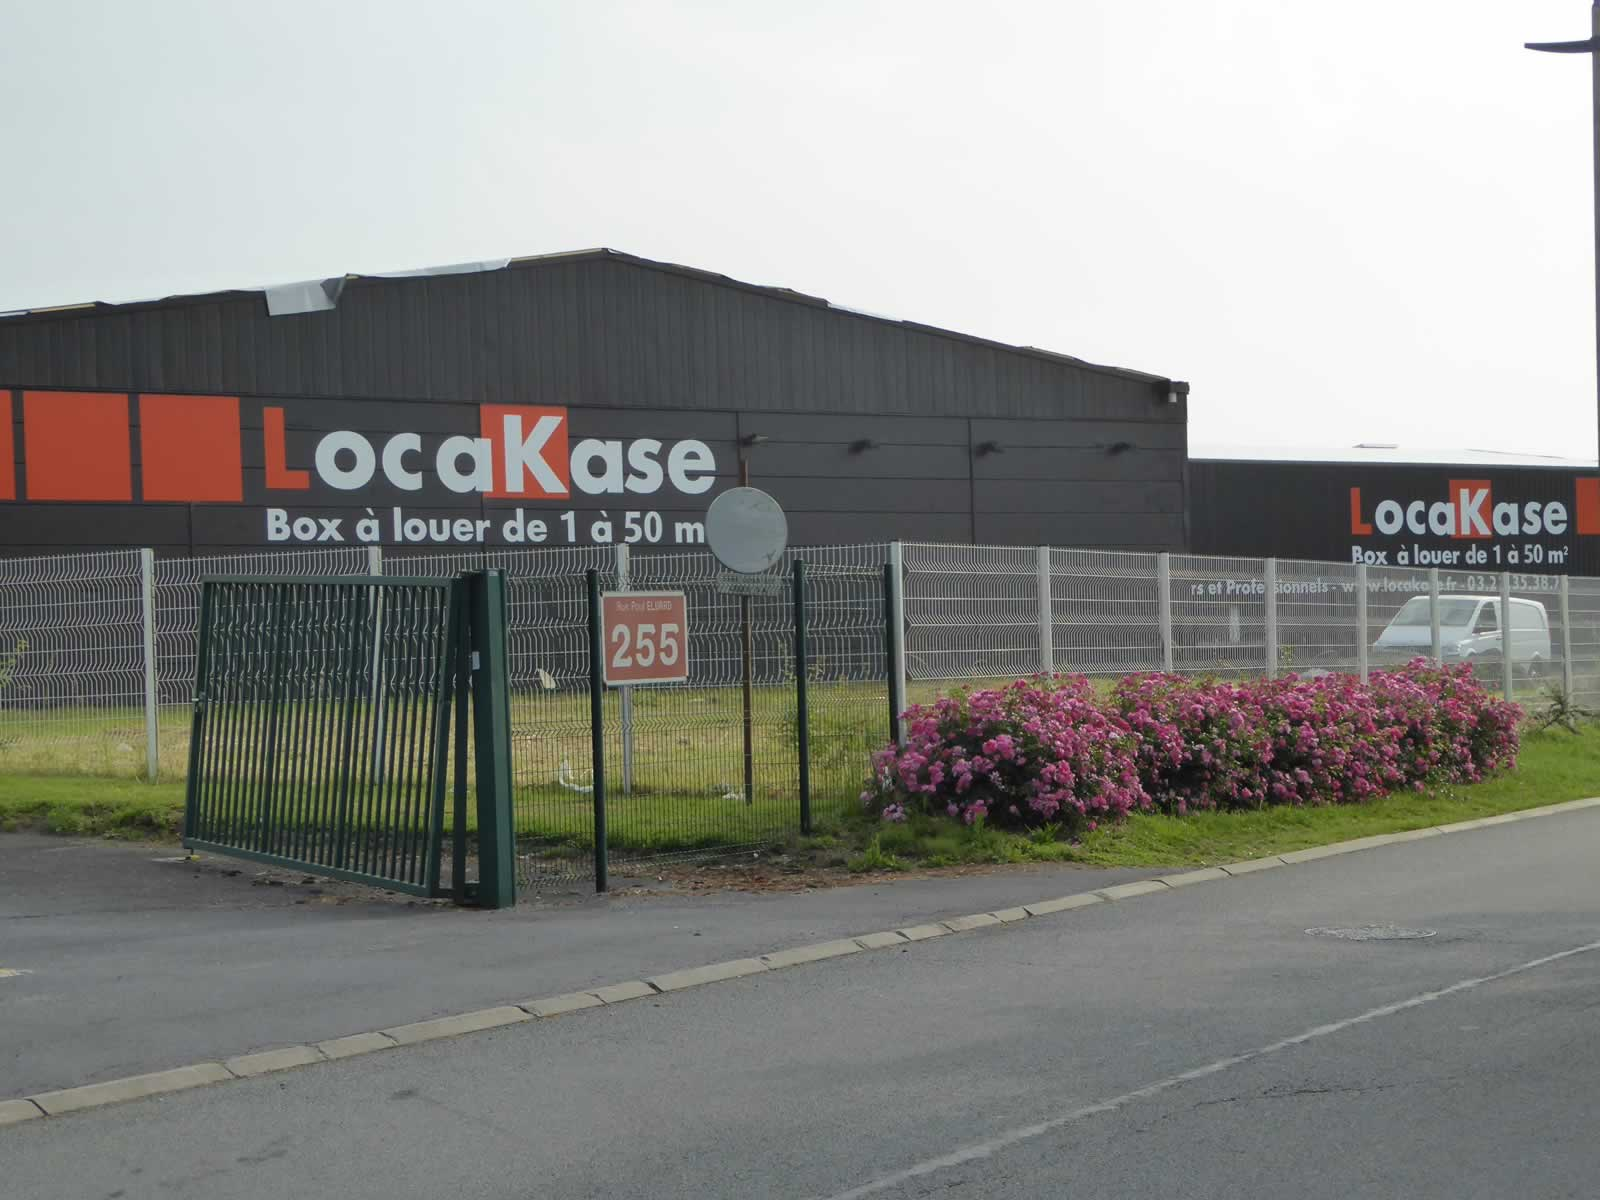 LocaKase